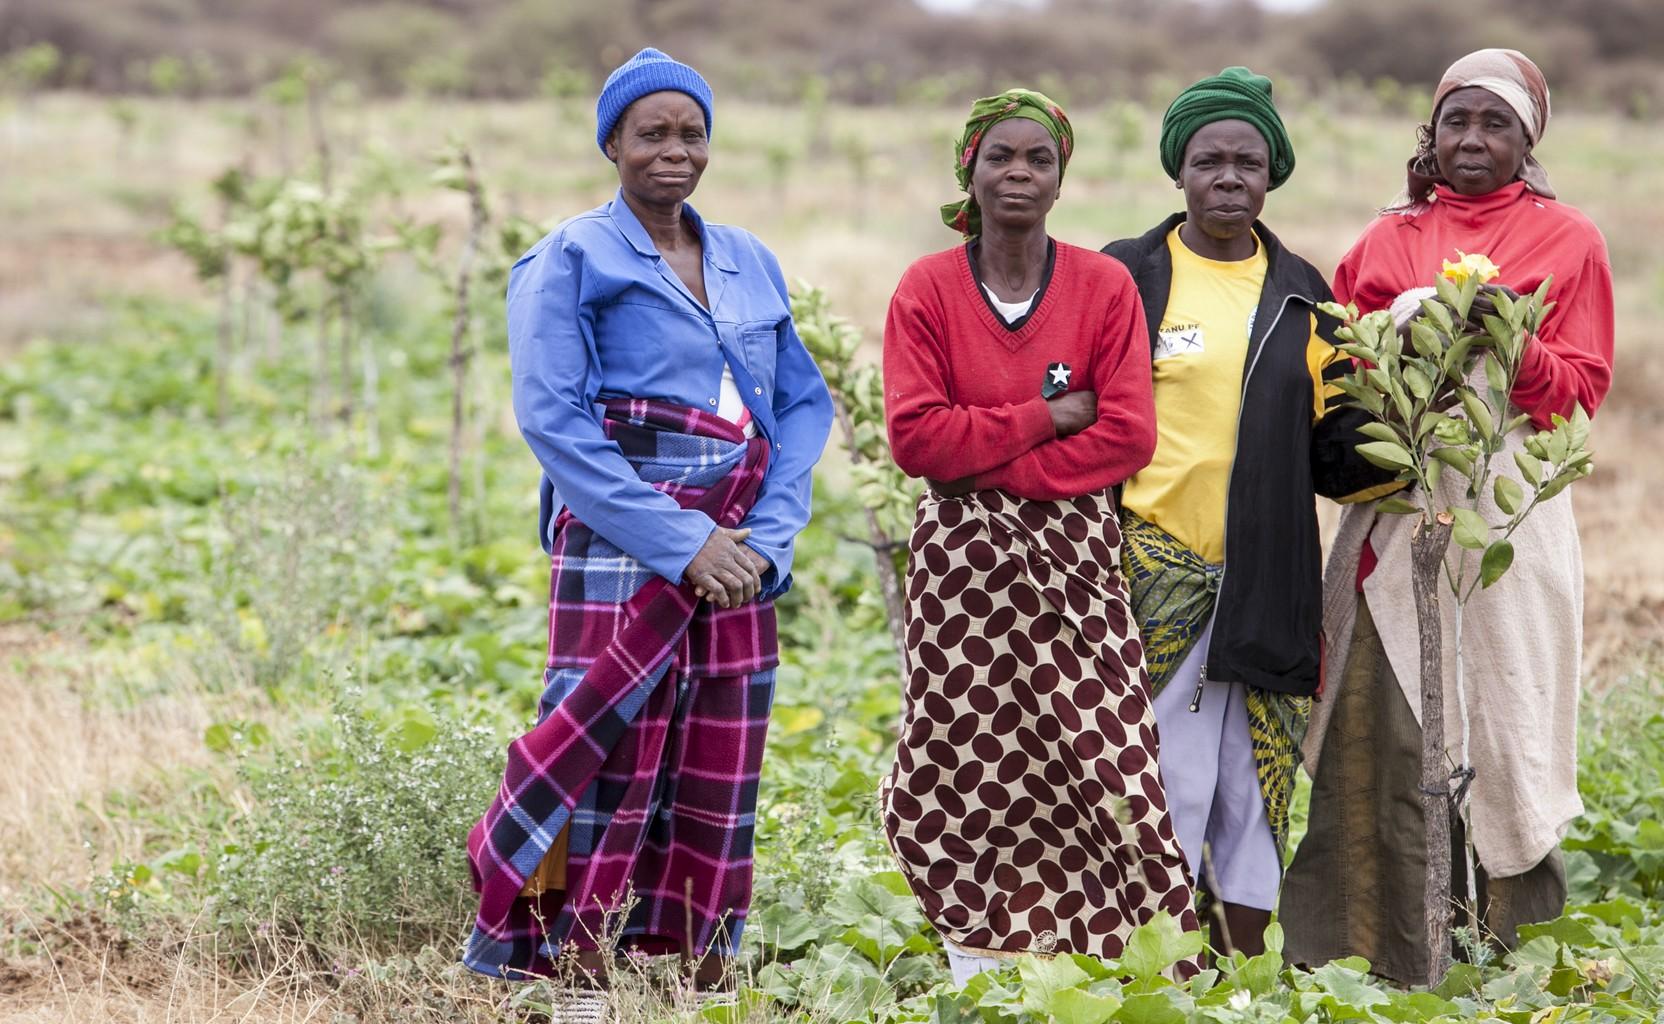 campagne di sensibilizzazione, come ridurre la fame, combattere la fame. Foto di Roger Lo Guarro